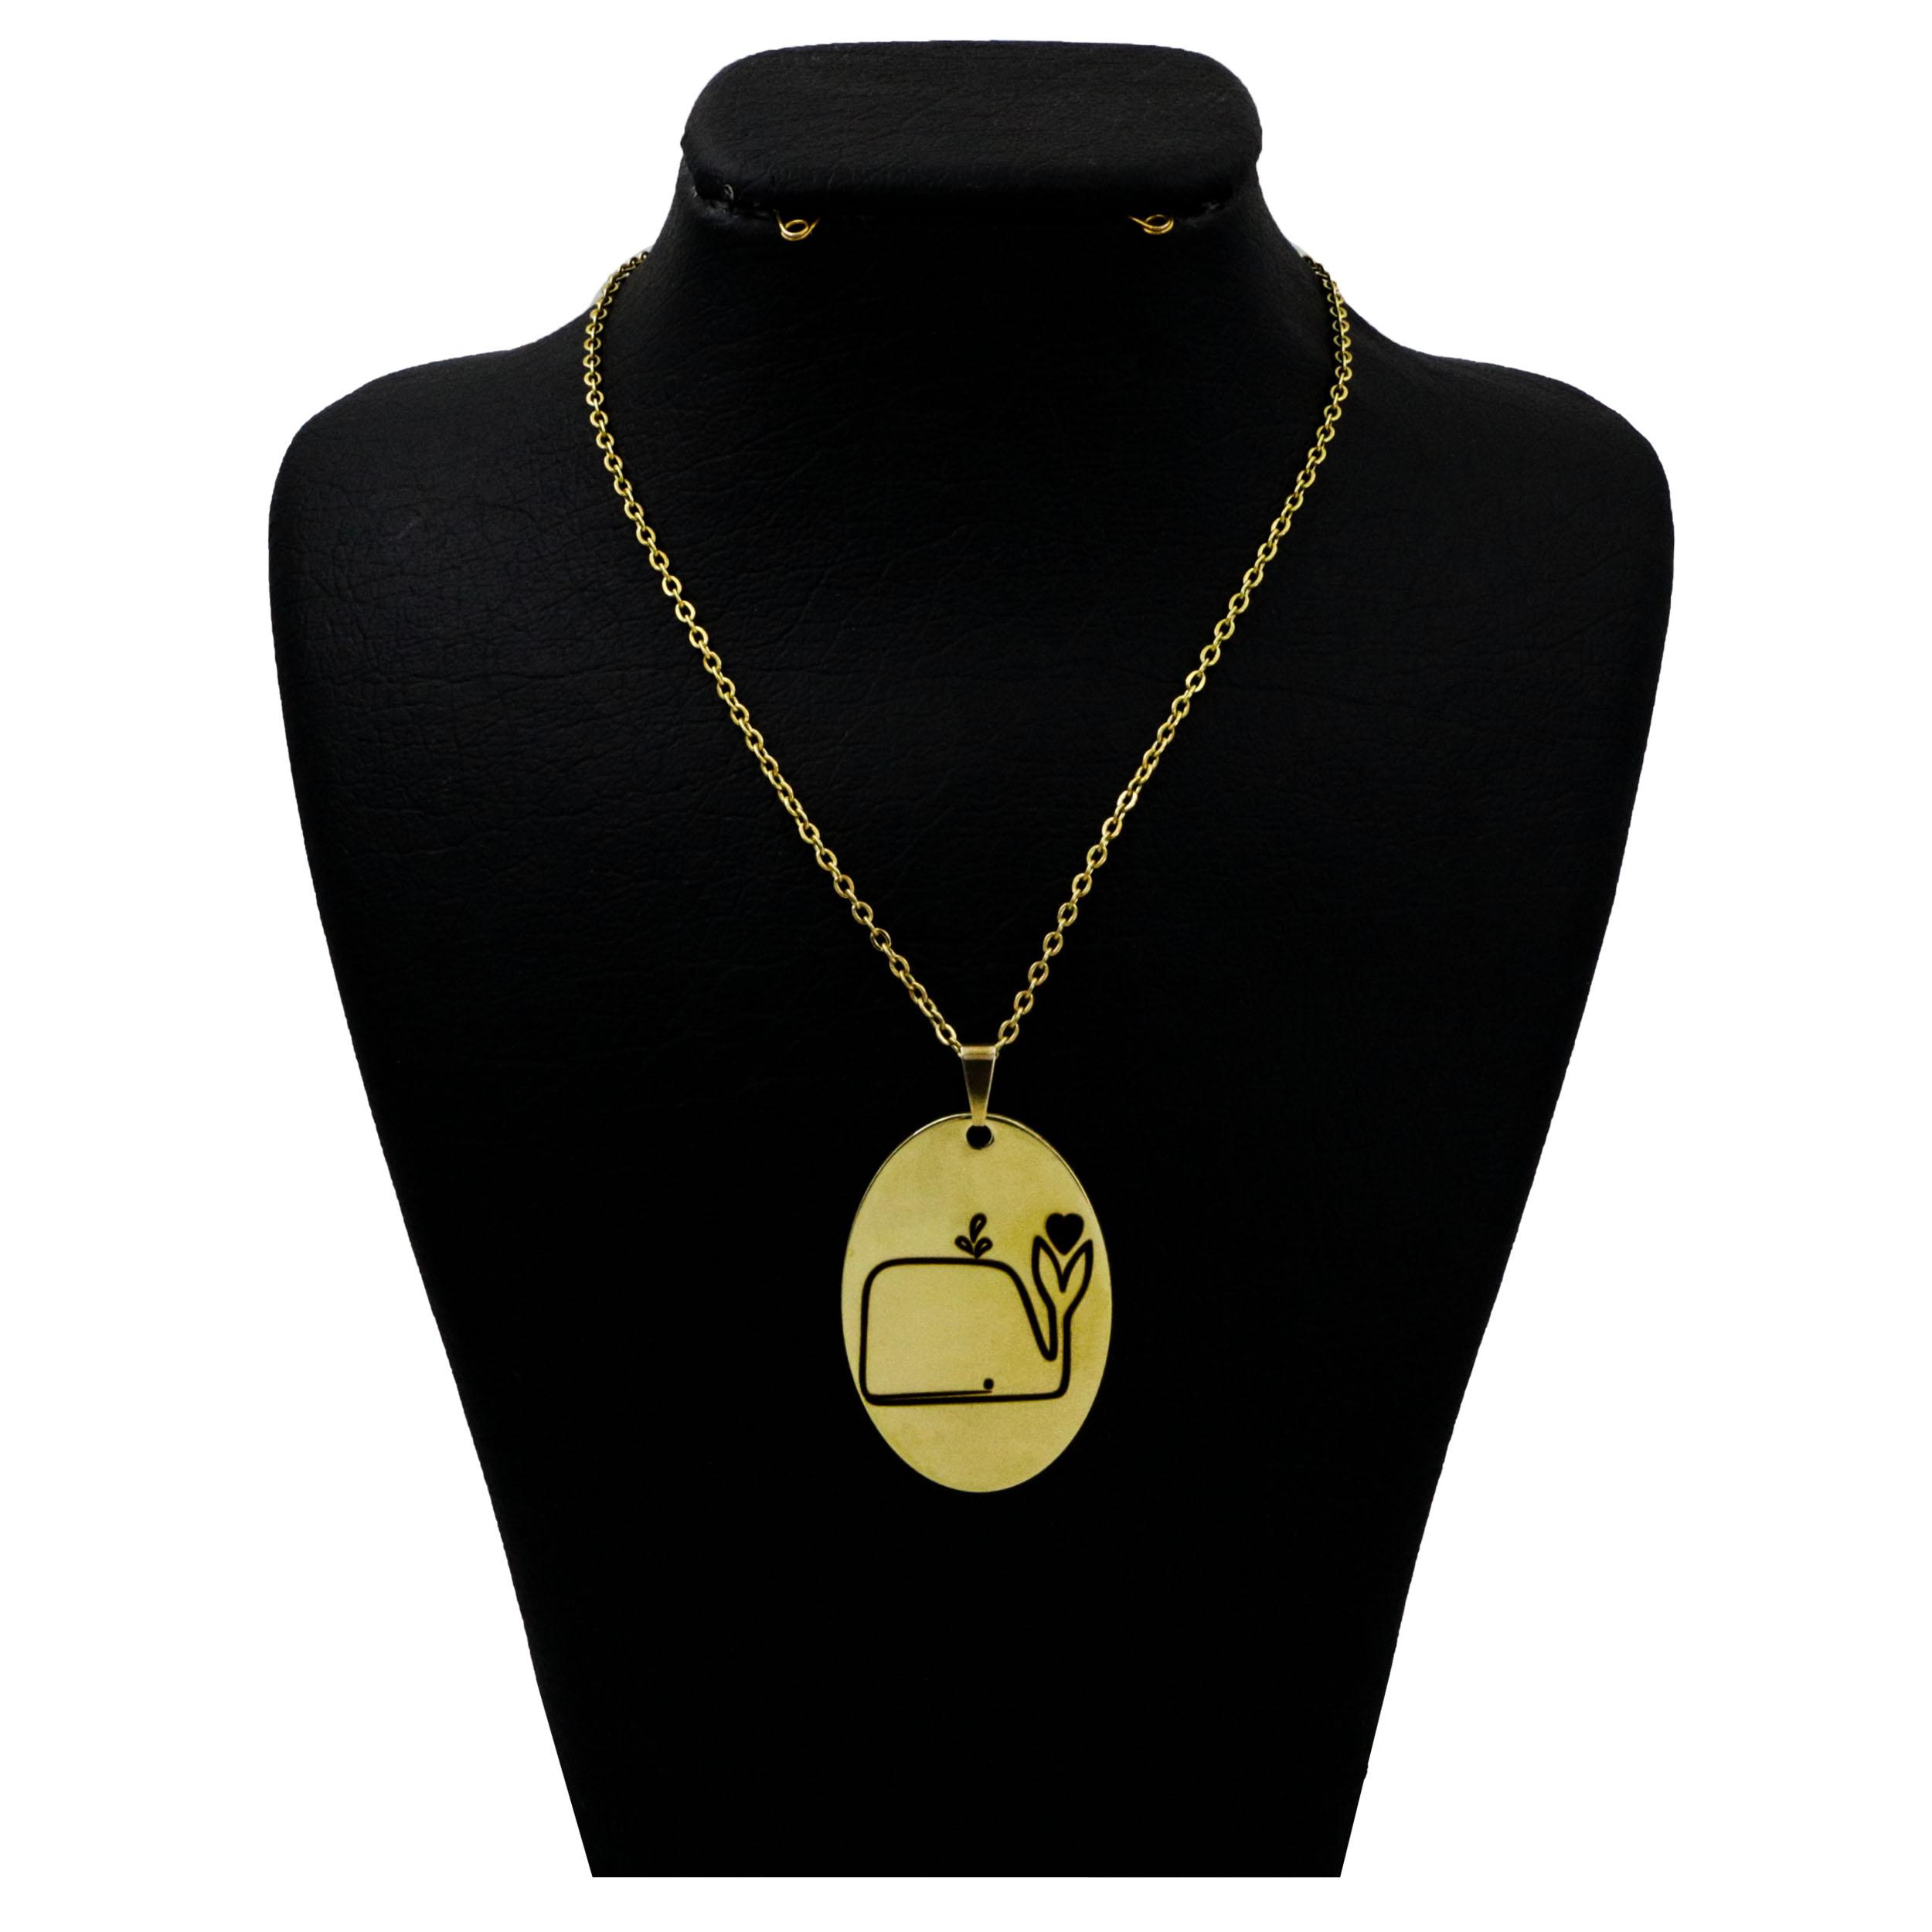 گردنبند نقره زنانه  مدل دلی جم طرح نهنگ کد D 348